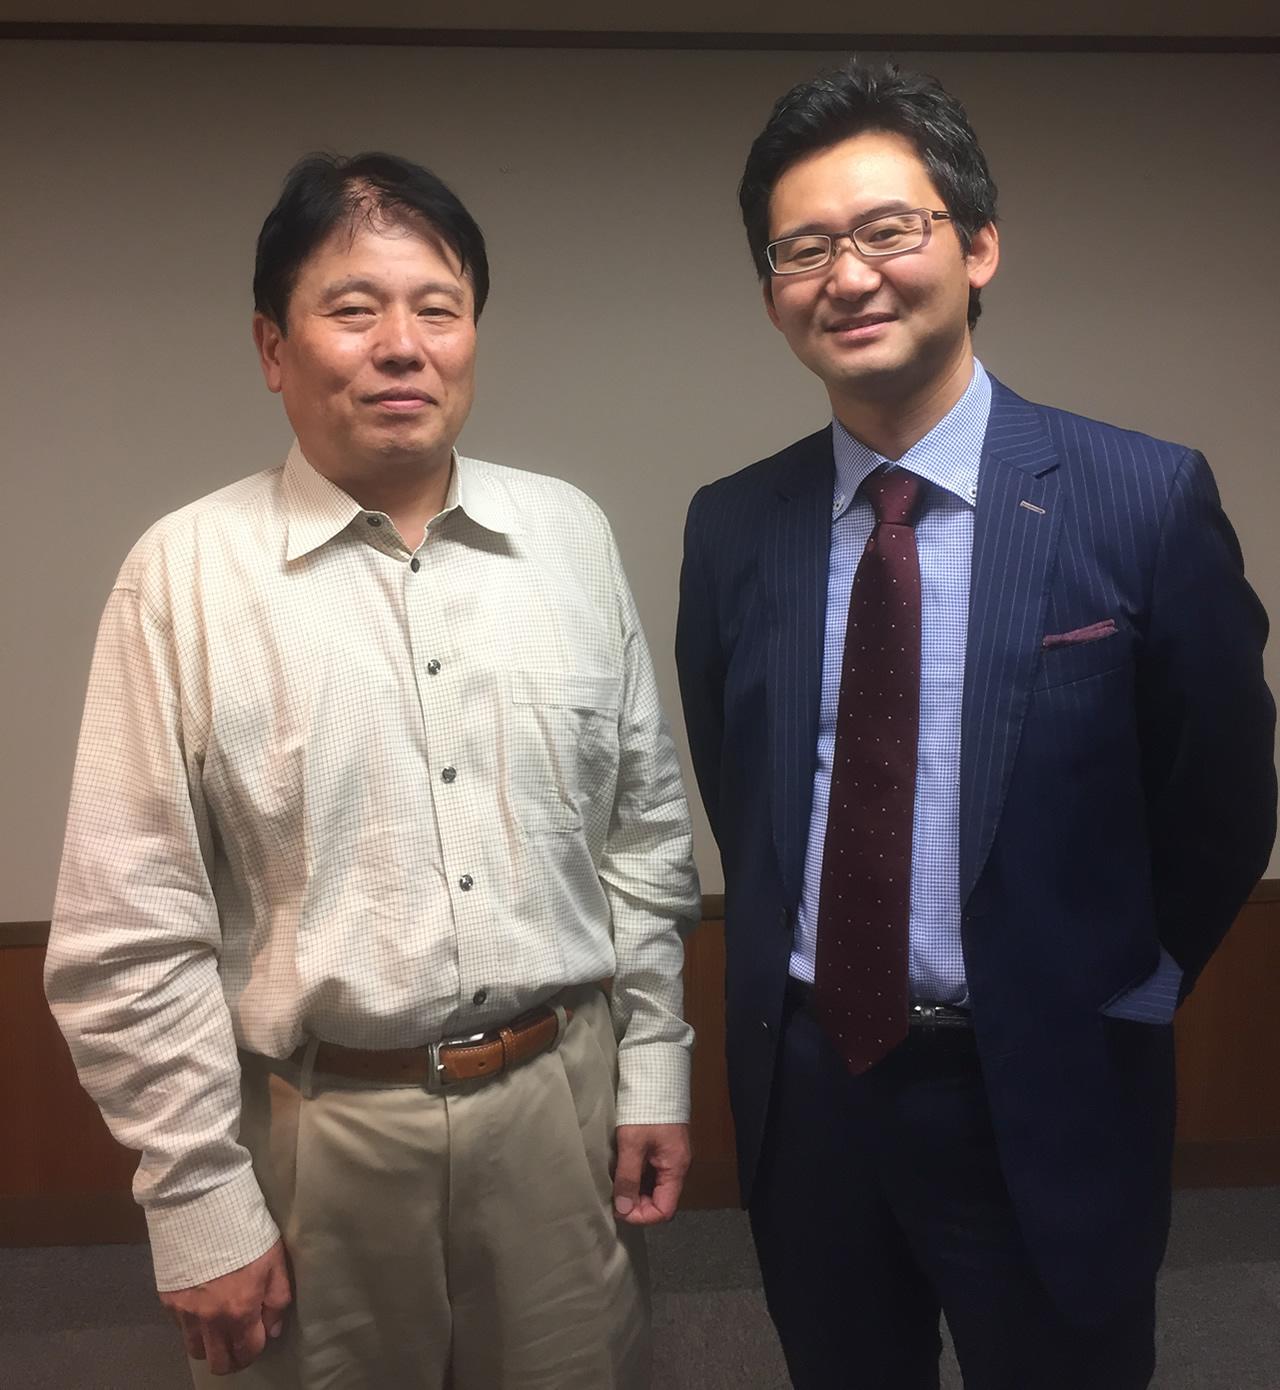 白鵬インプラントセミナー 講師 上原 芳樹 先生(有限会社ファイン代表取締役)